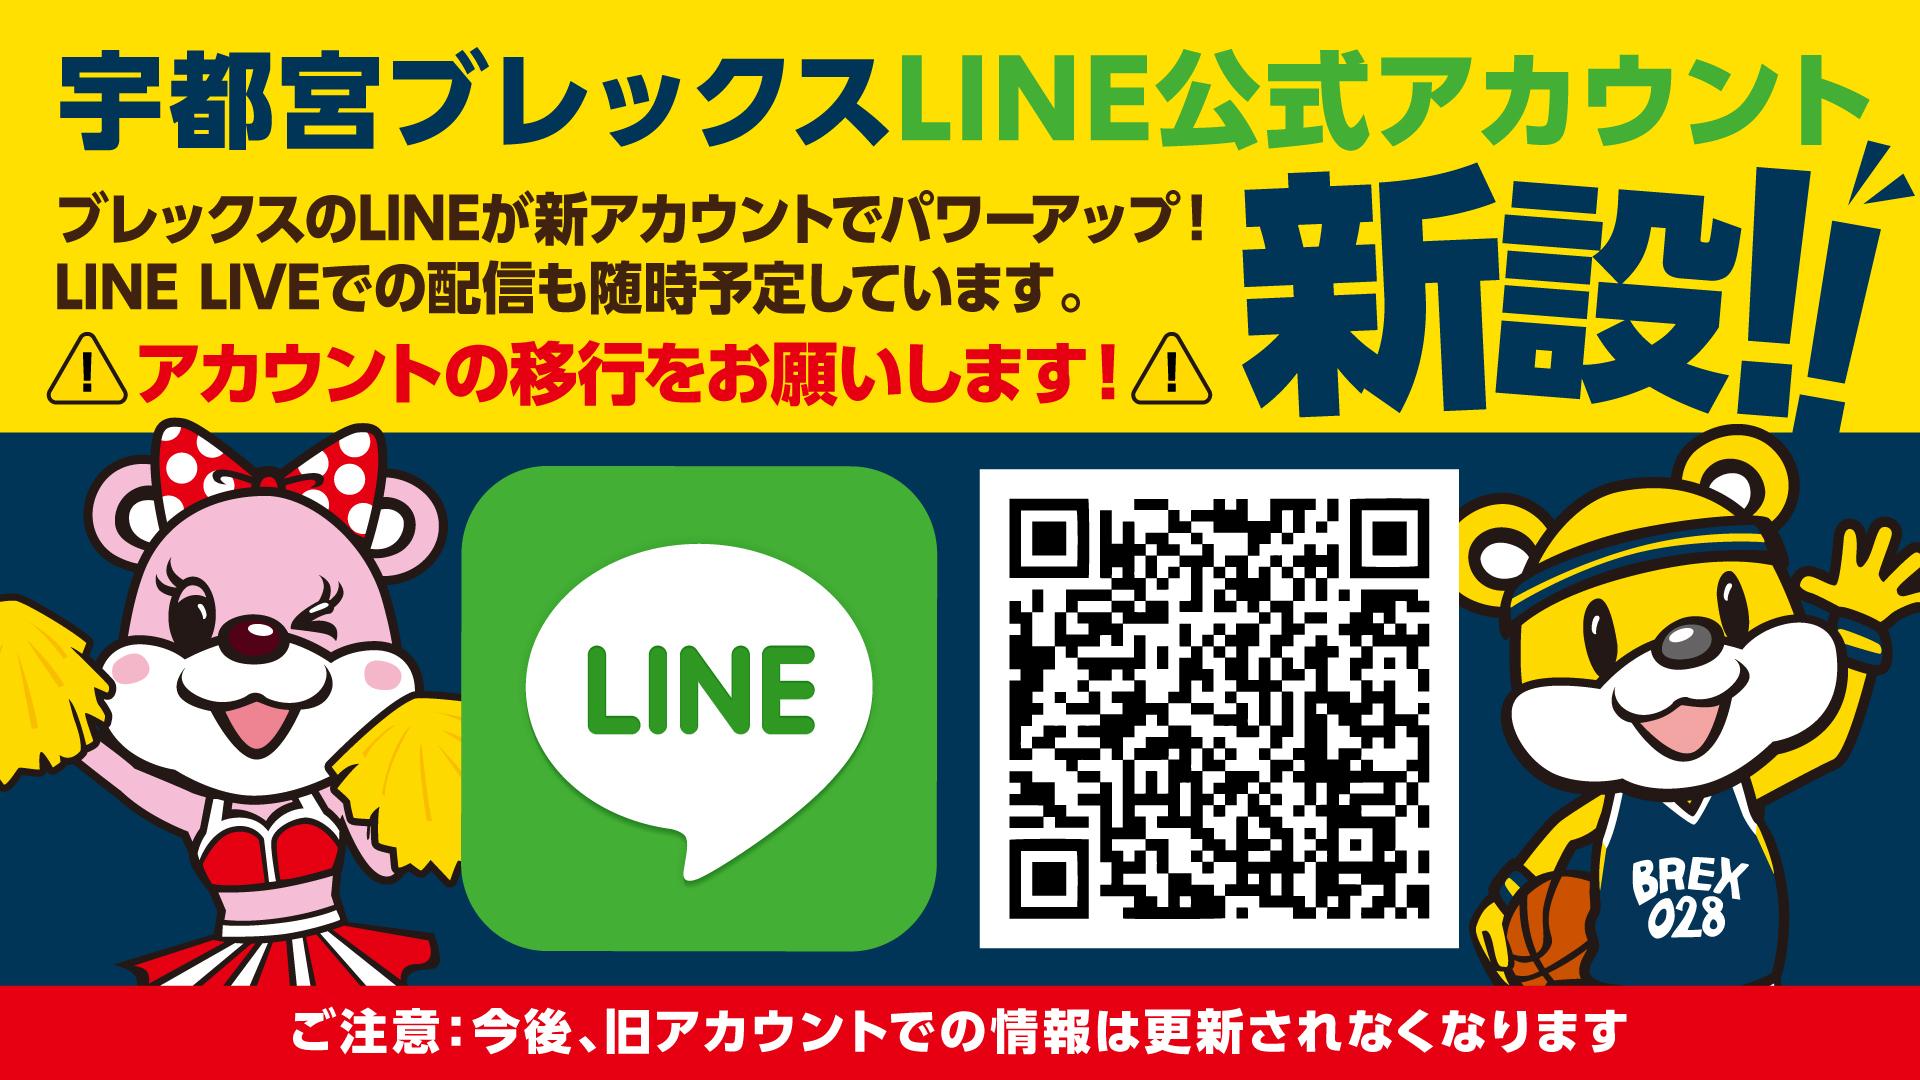 宇都宮ブレックス LINE公式アカウント開設 キービジュアル